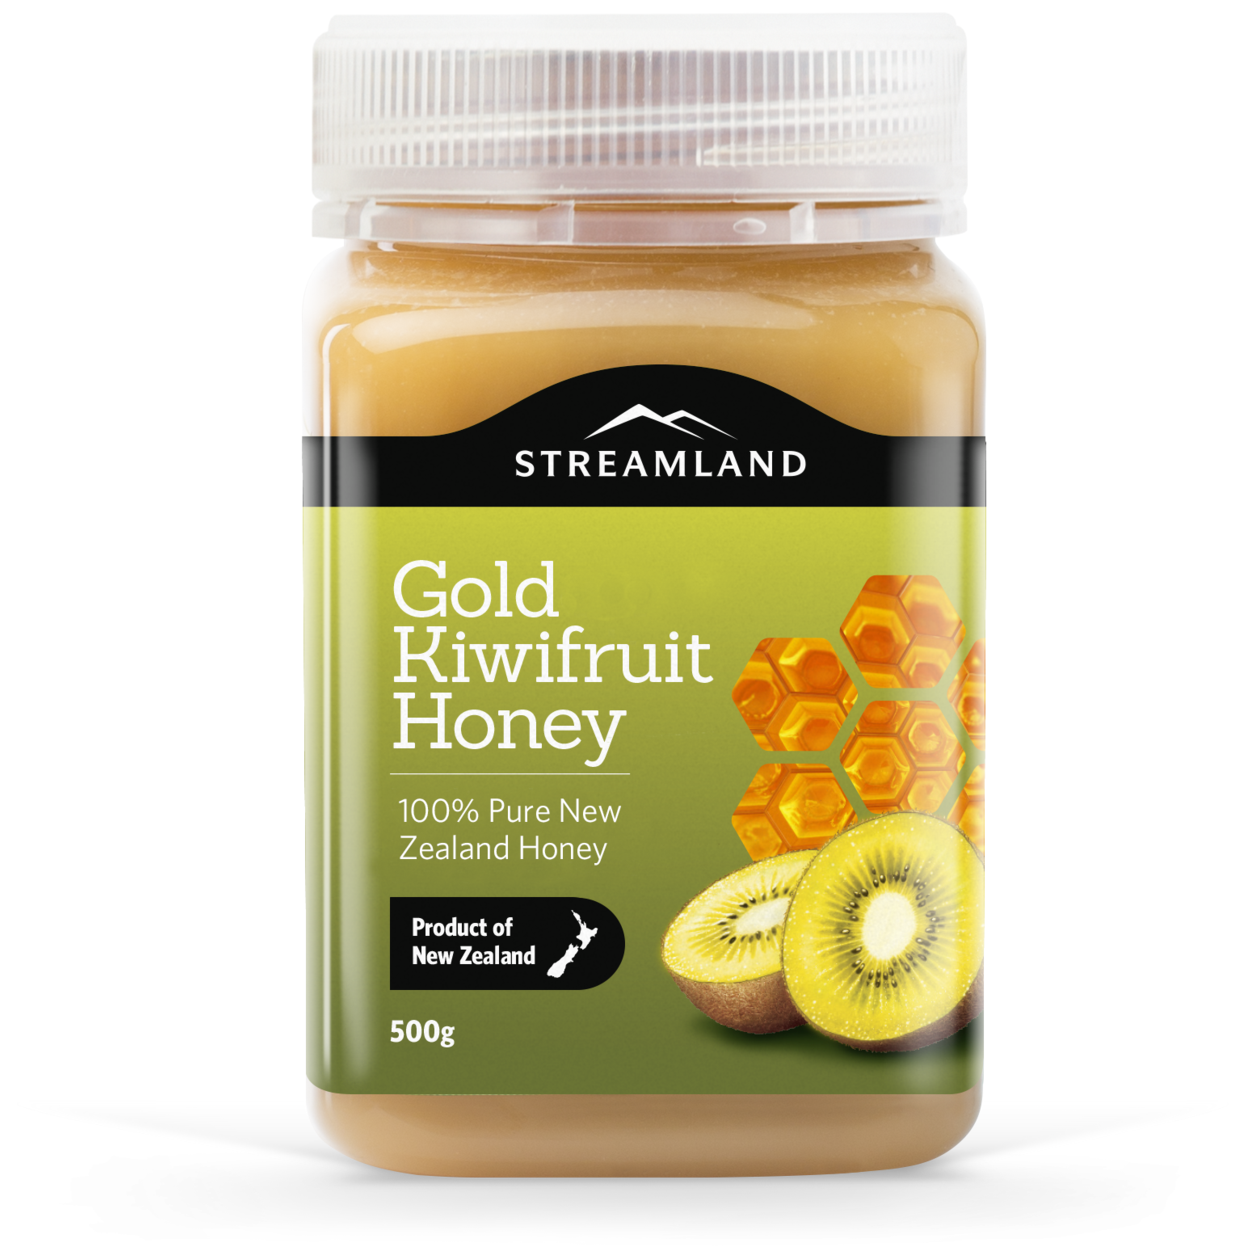 Streamland Gold Kiwifruit 'n Honey 500g